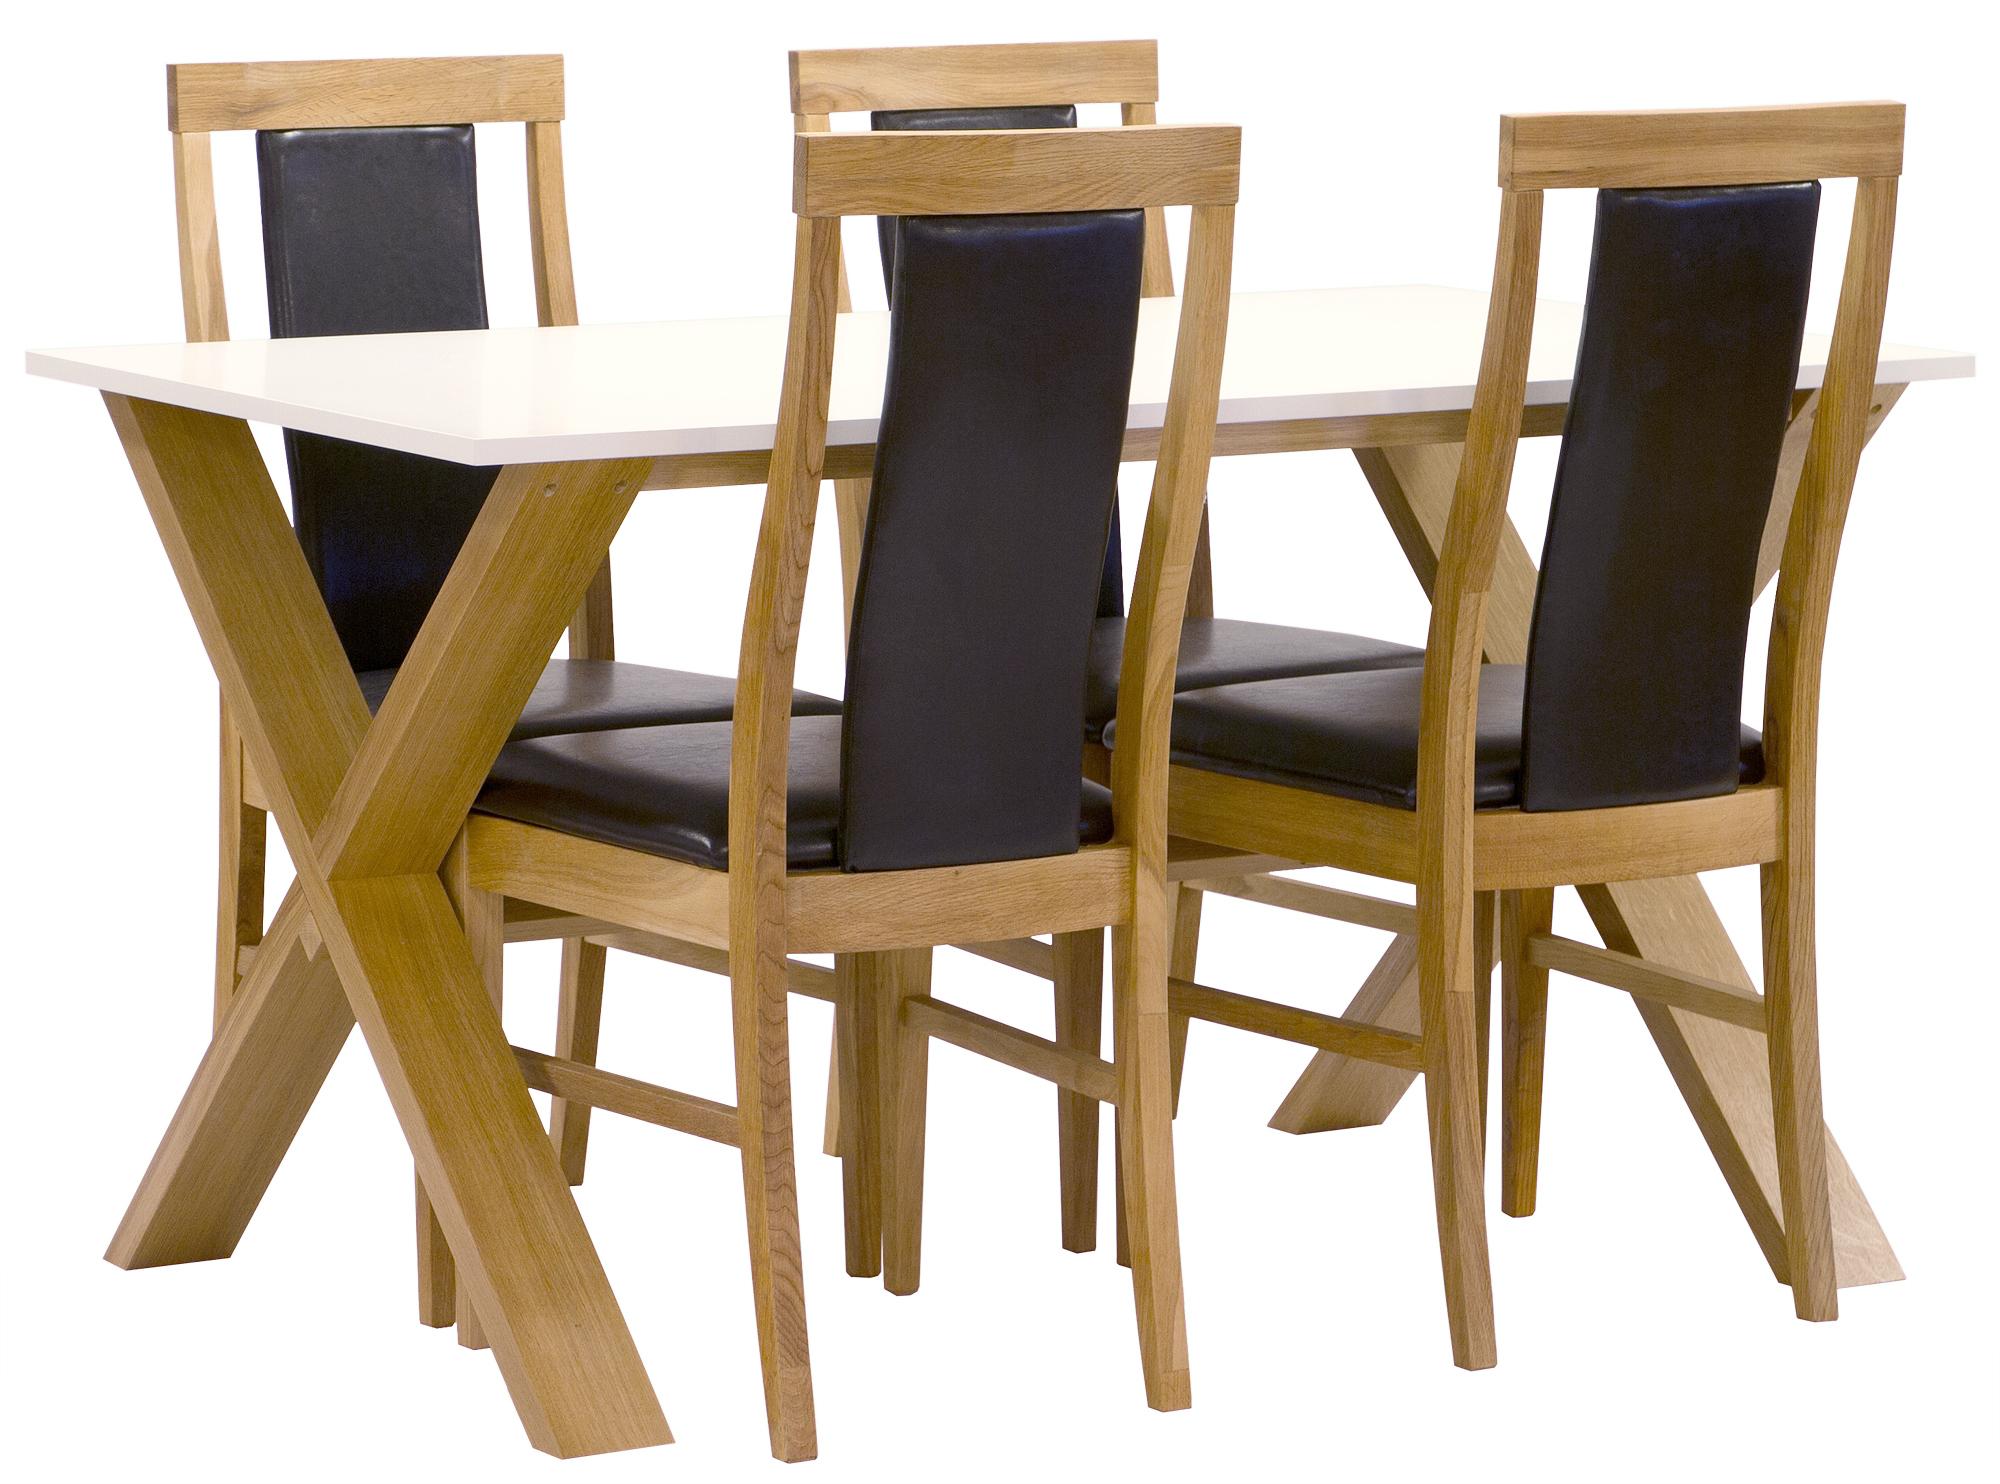 Matgrupp NordiForm Artic matbord 140 ek vit + 4 st Lilian ek pu med klädd rygg 4995 kr